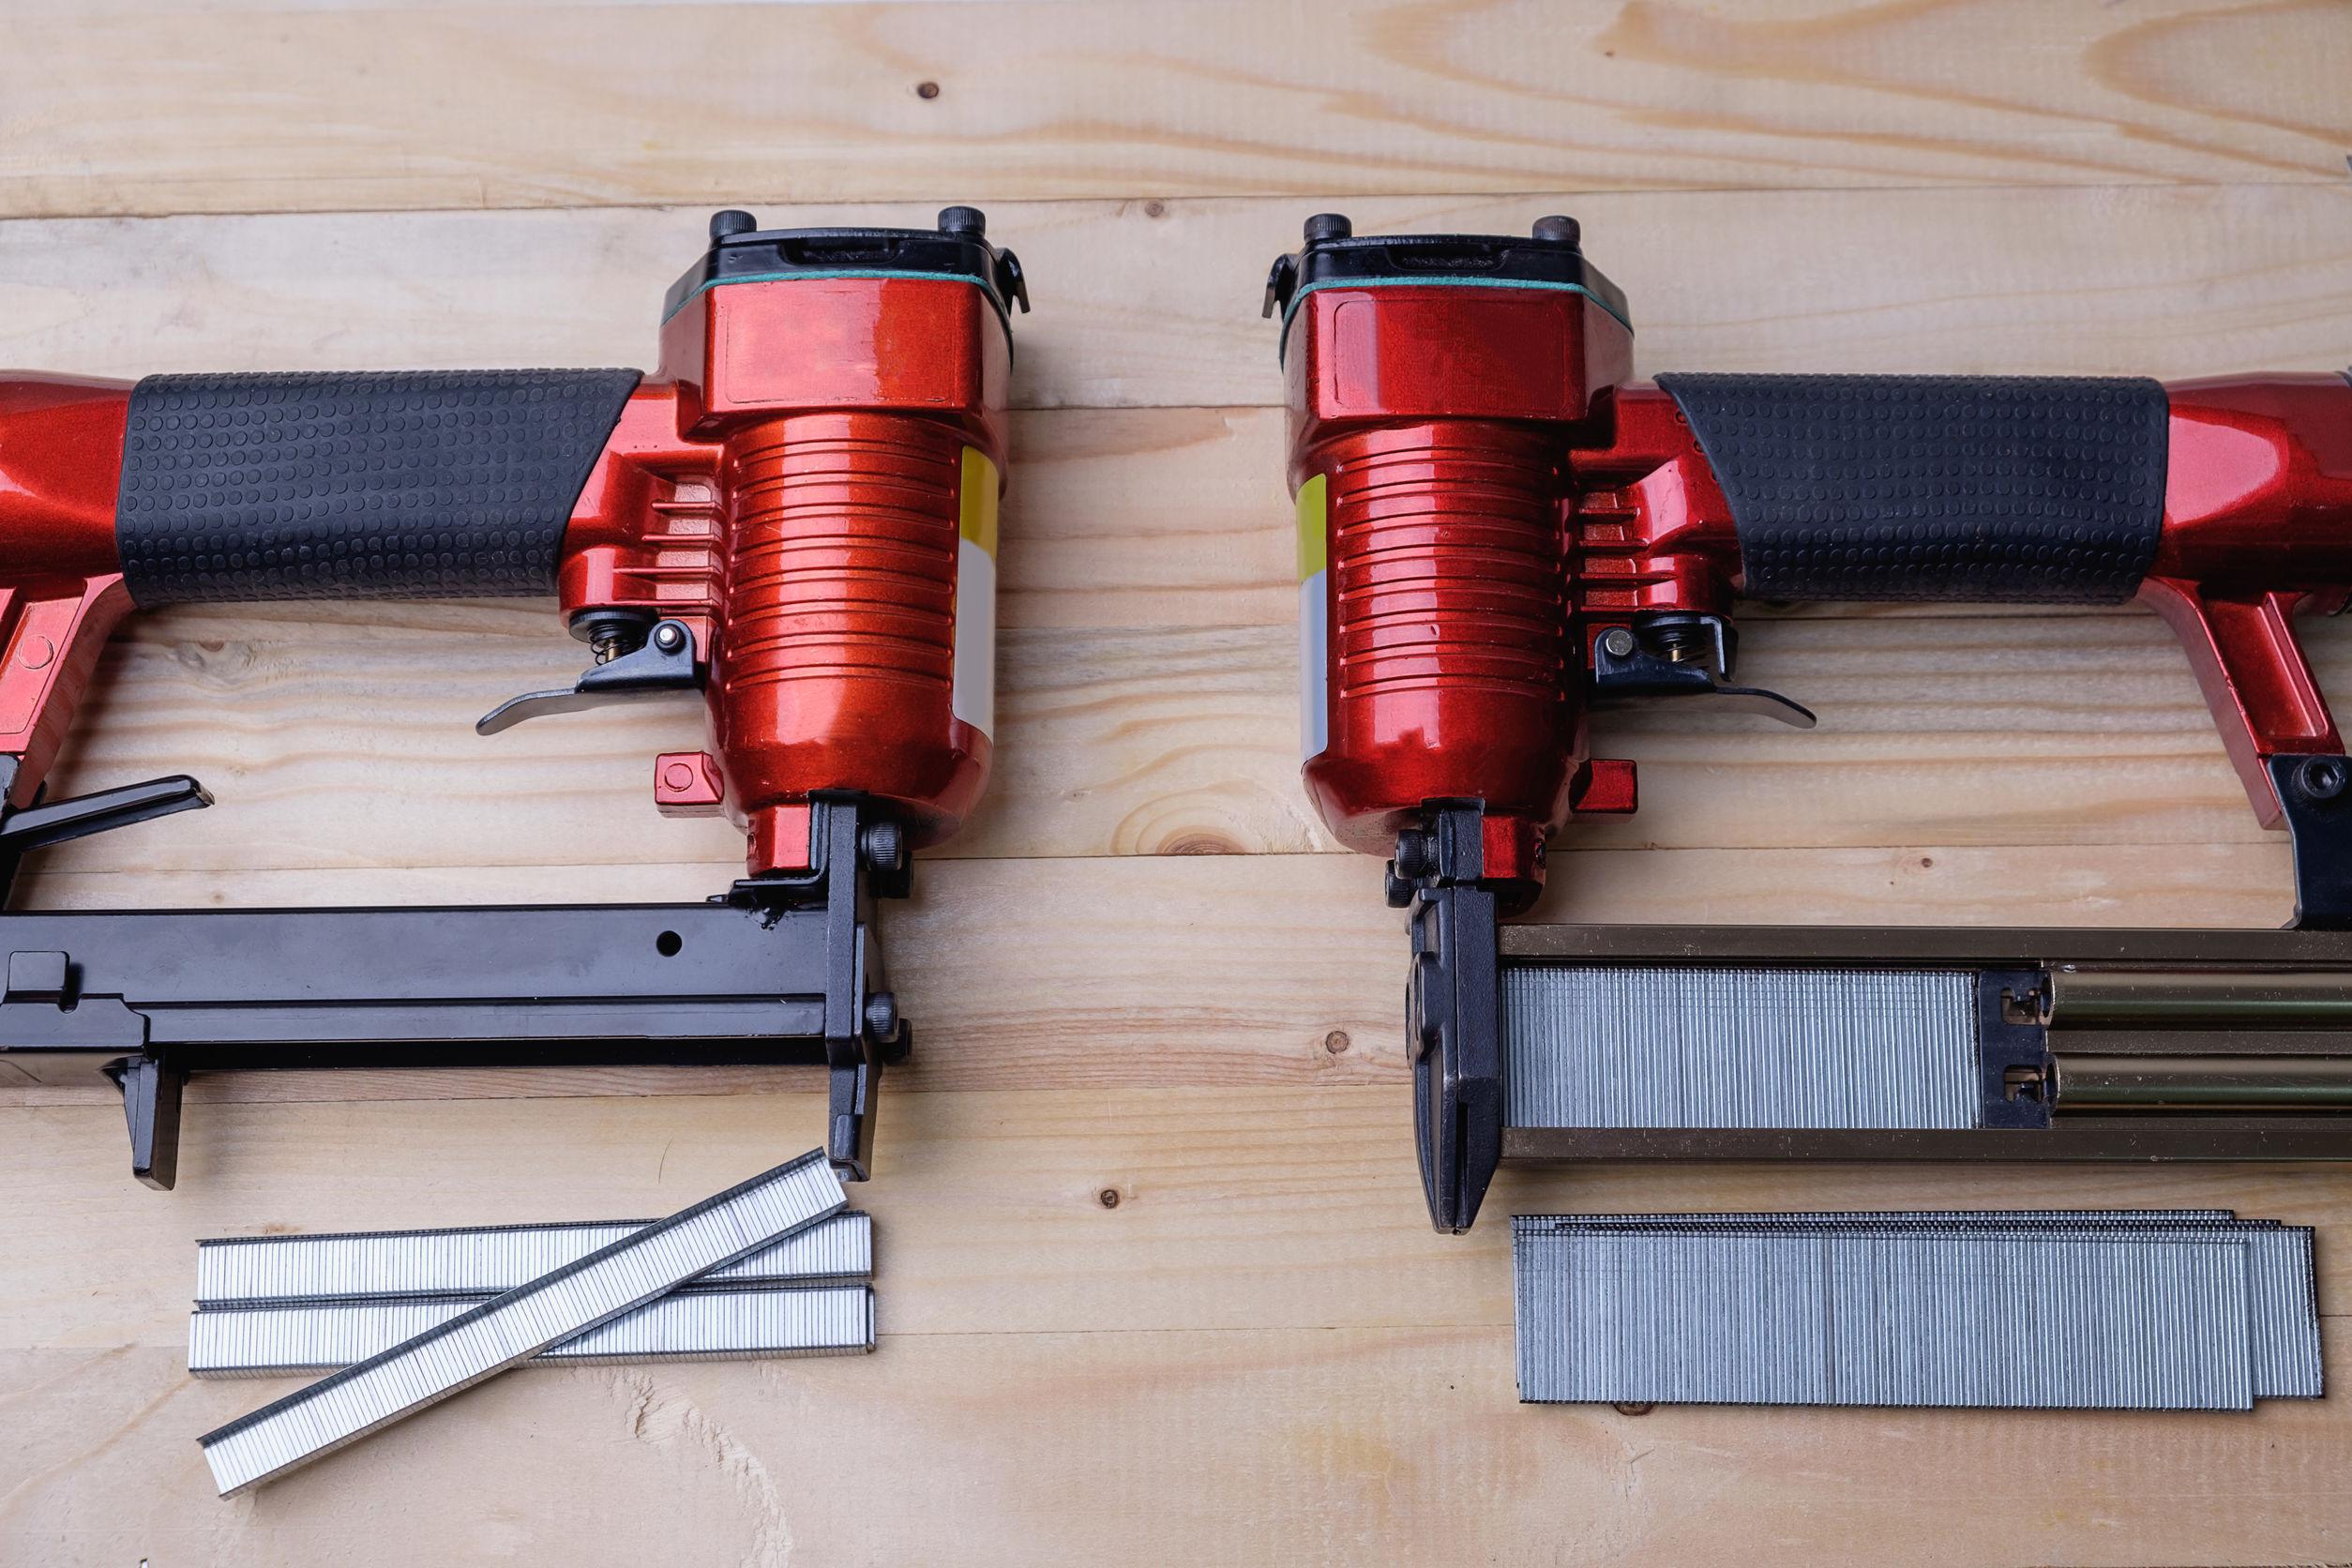 Imagem mostra dois pinadores lado a lado sobre uma mesa junto a um conjunto de pinos.